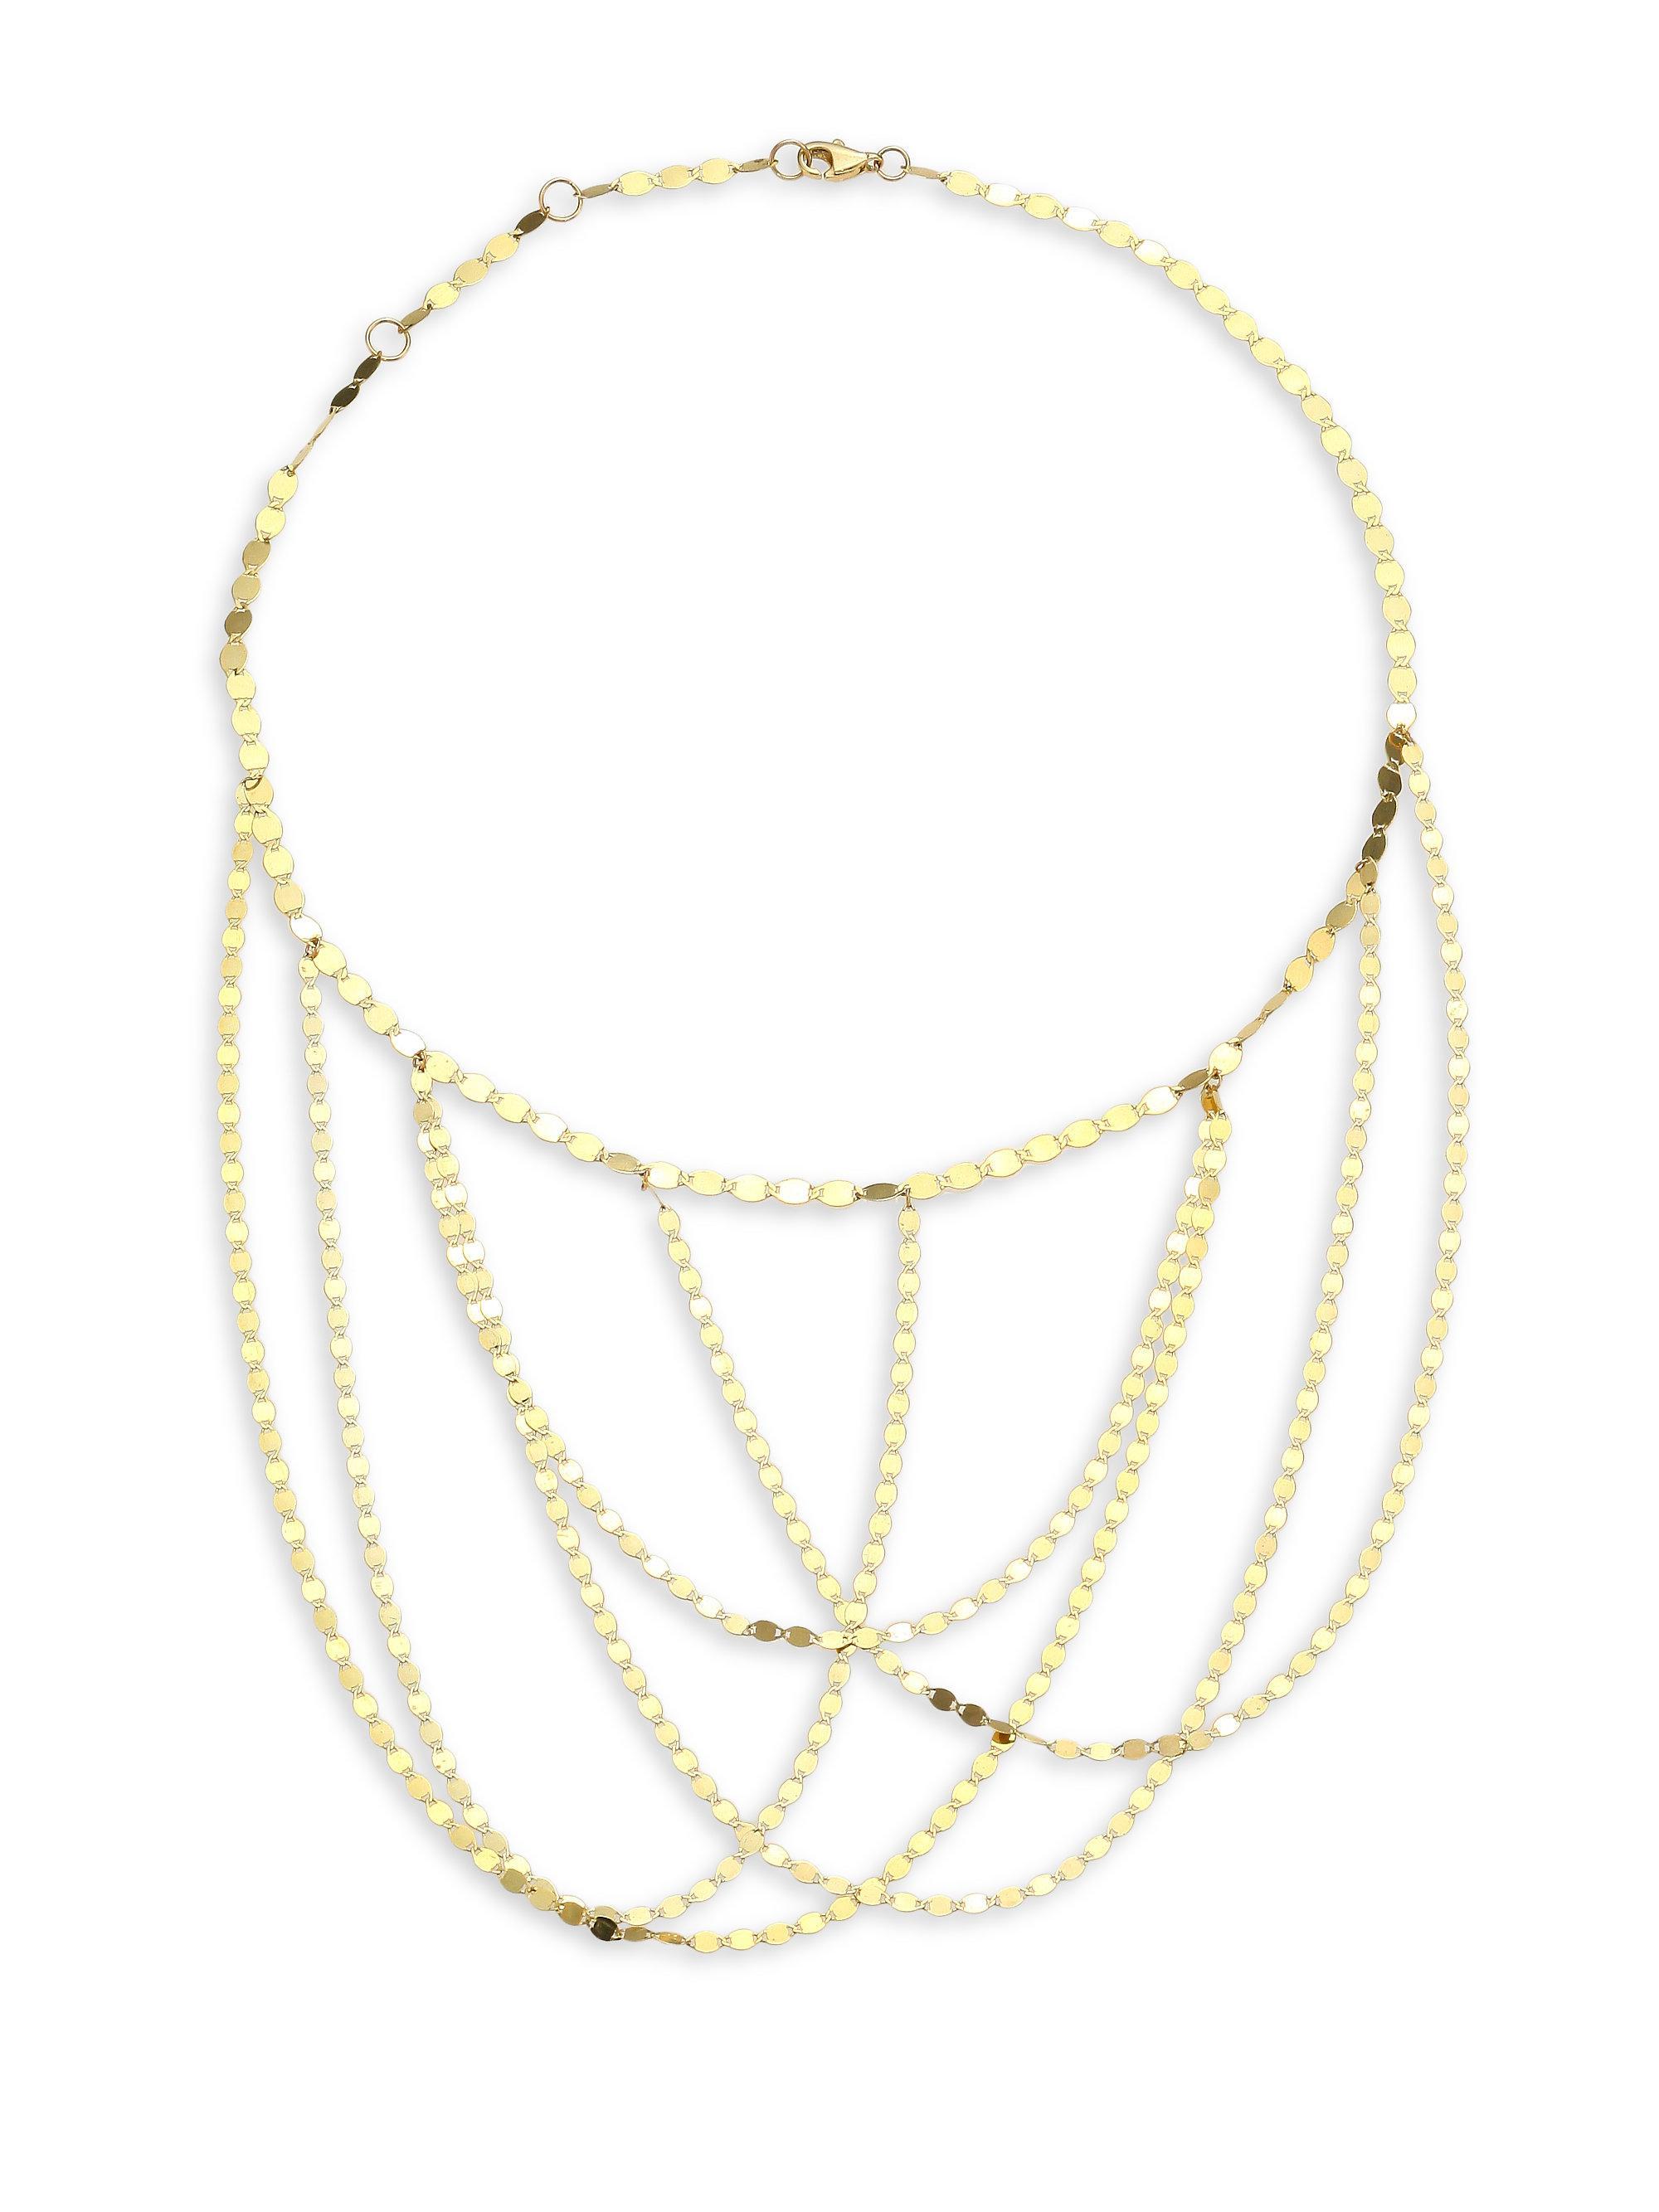 Lana Nude Square Chain Bracelet in 14K Gold